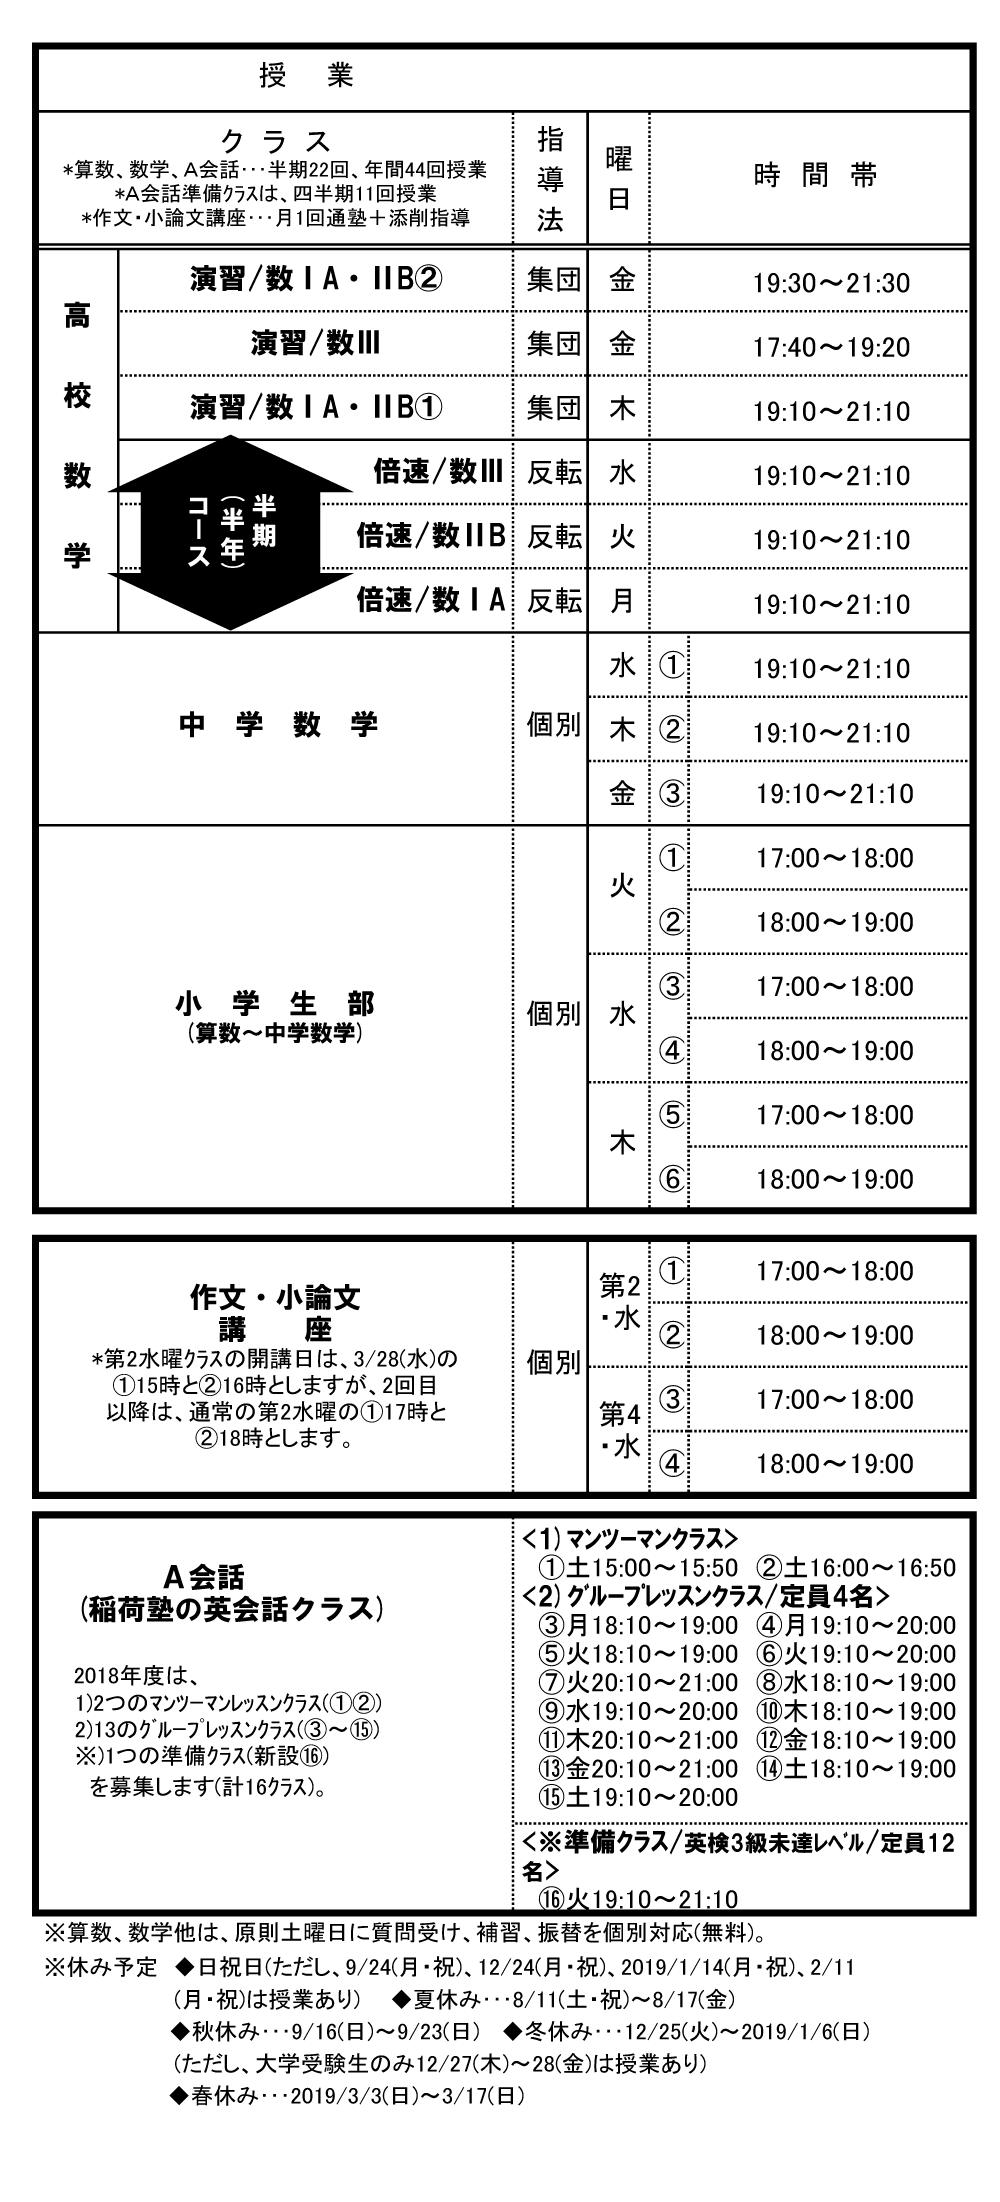 クラスと時間割の表